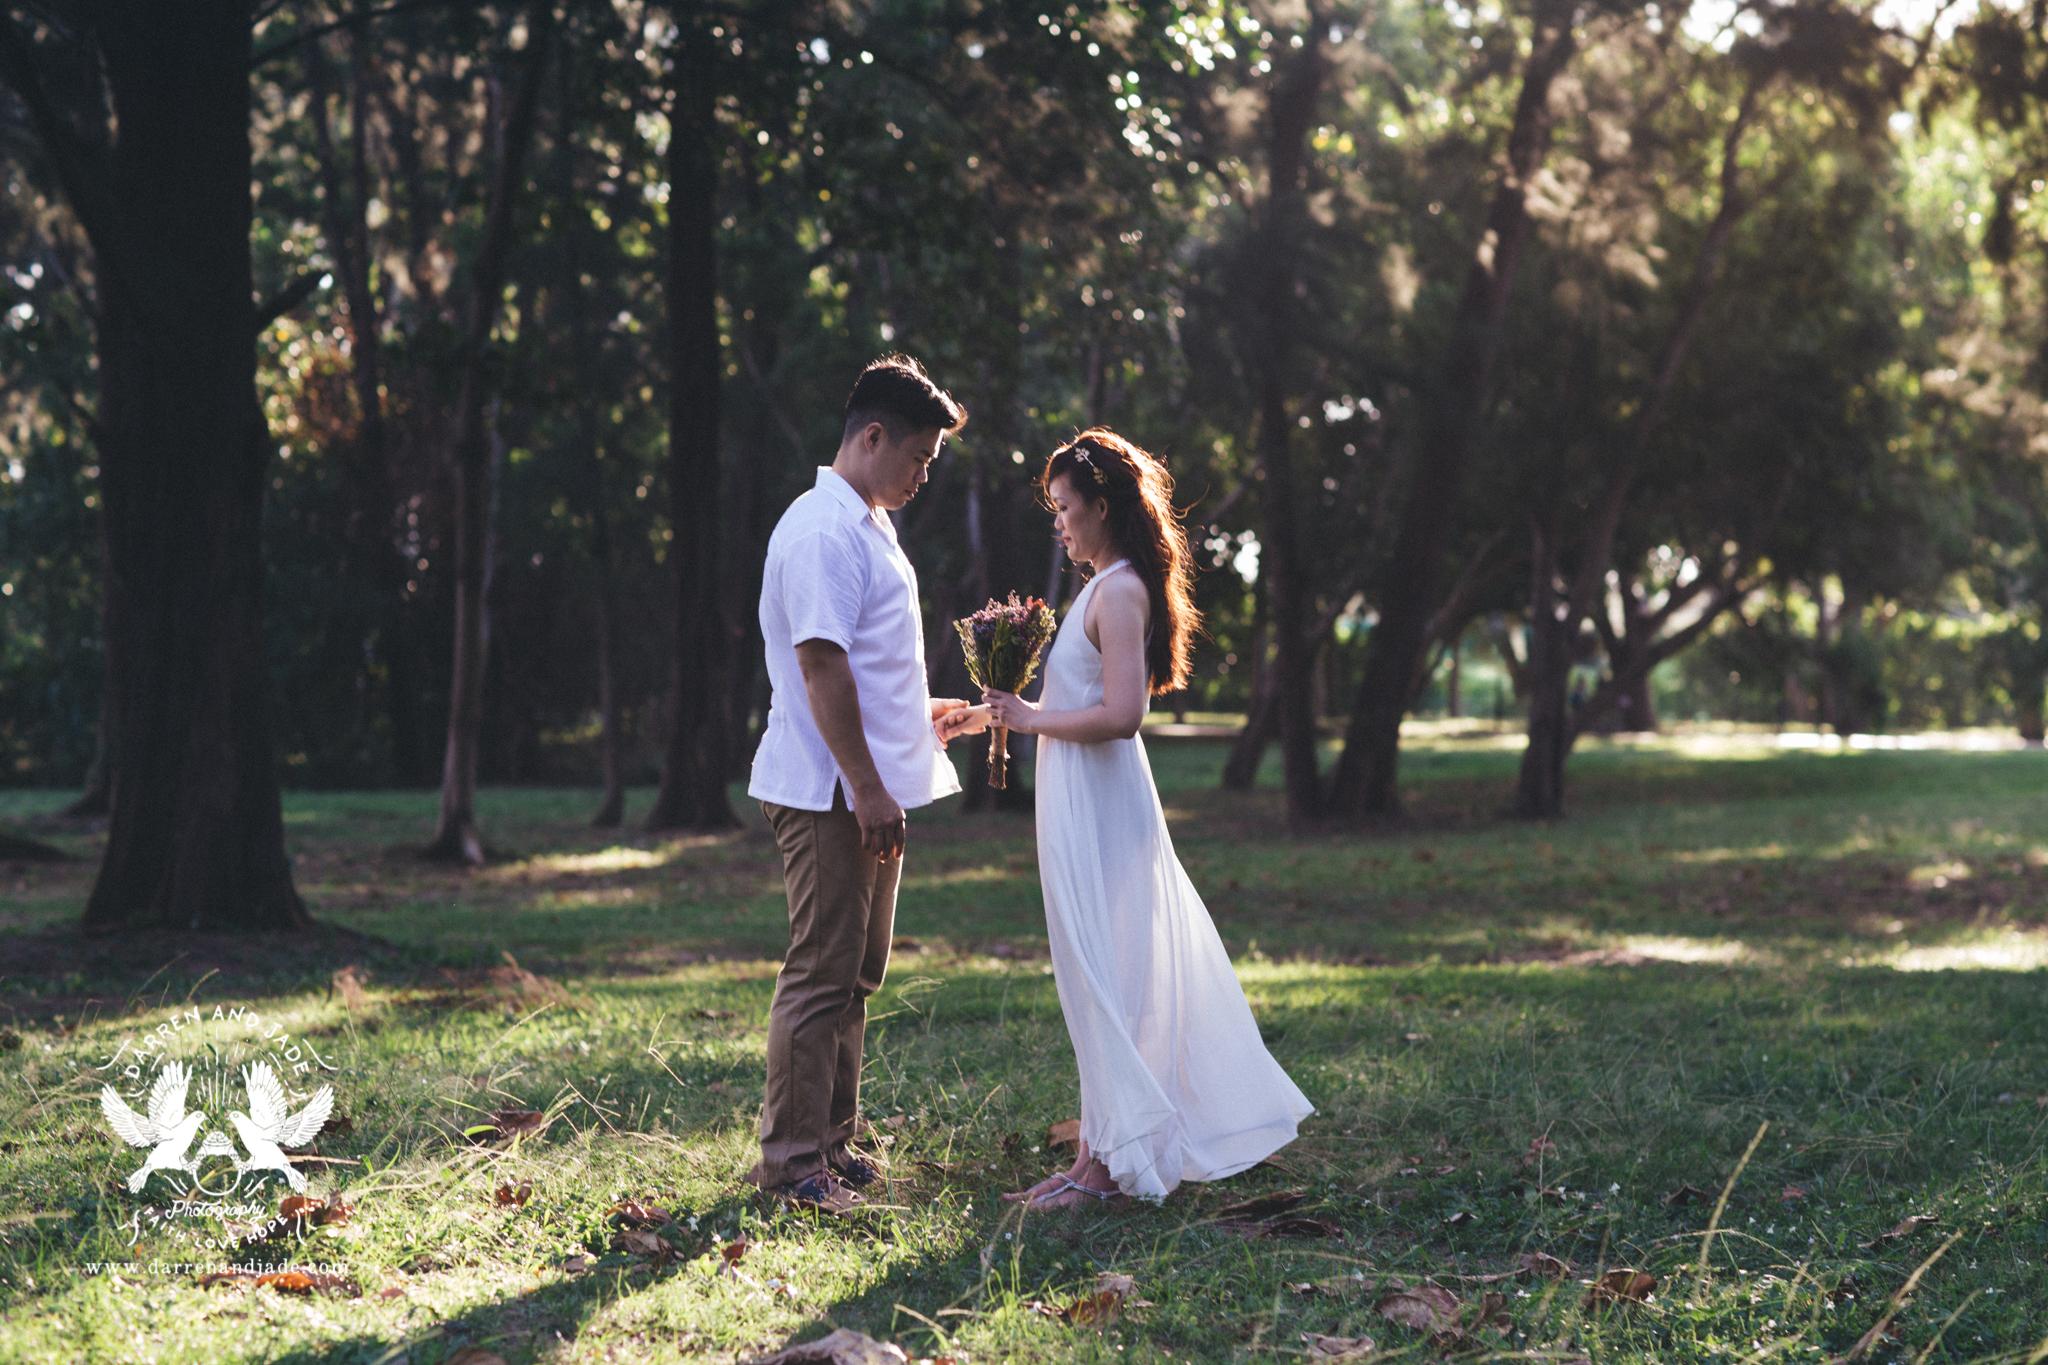 Gerri & Jon - Engagement - Blog (10 of 15).jpg